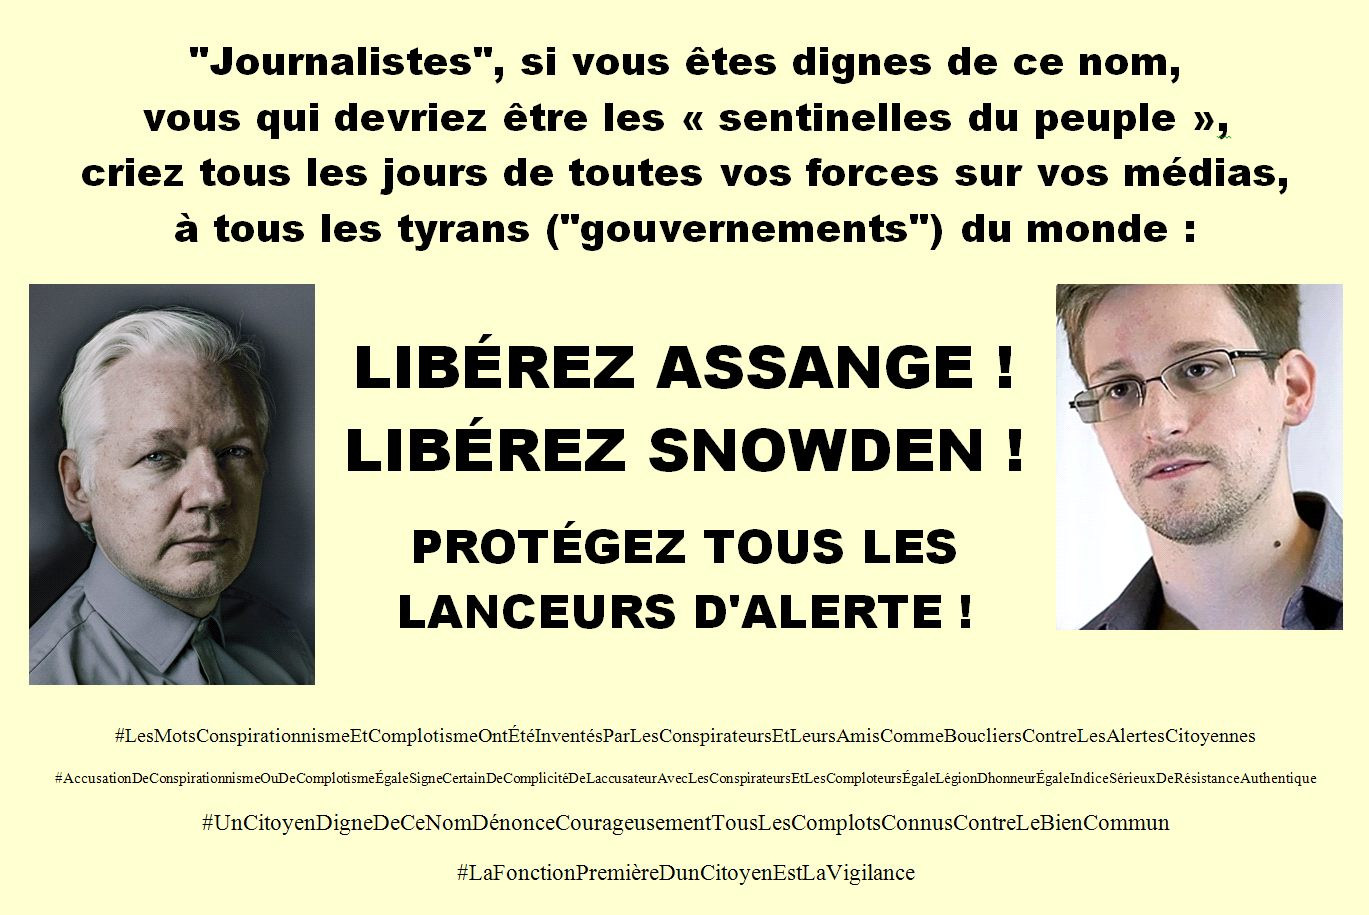 LIBÉREZ ASSANGE! LIBÉREZ SNOWDEN! PROTÉGEZ TOUS LES LANCEURS D'ALERTE!